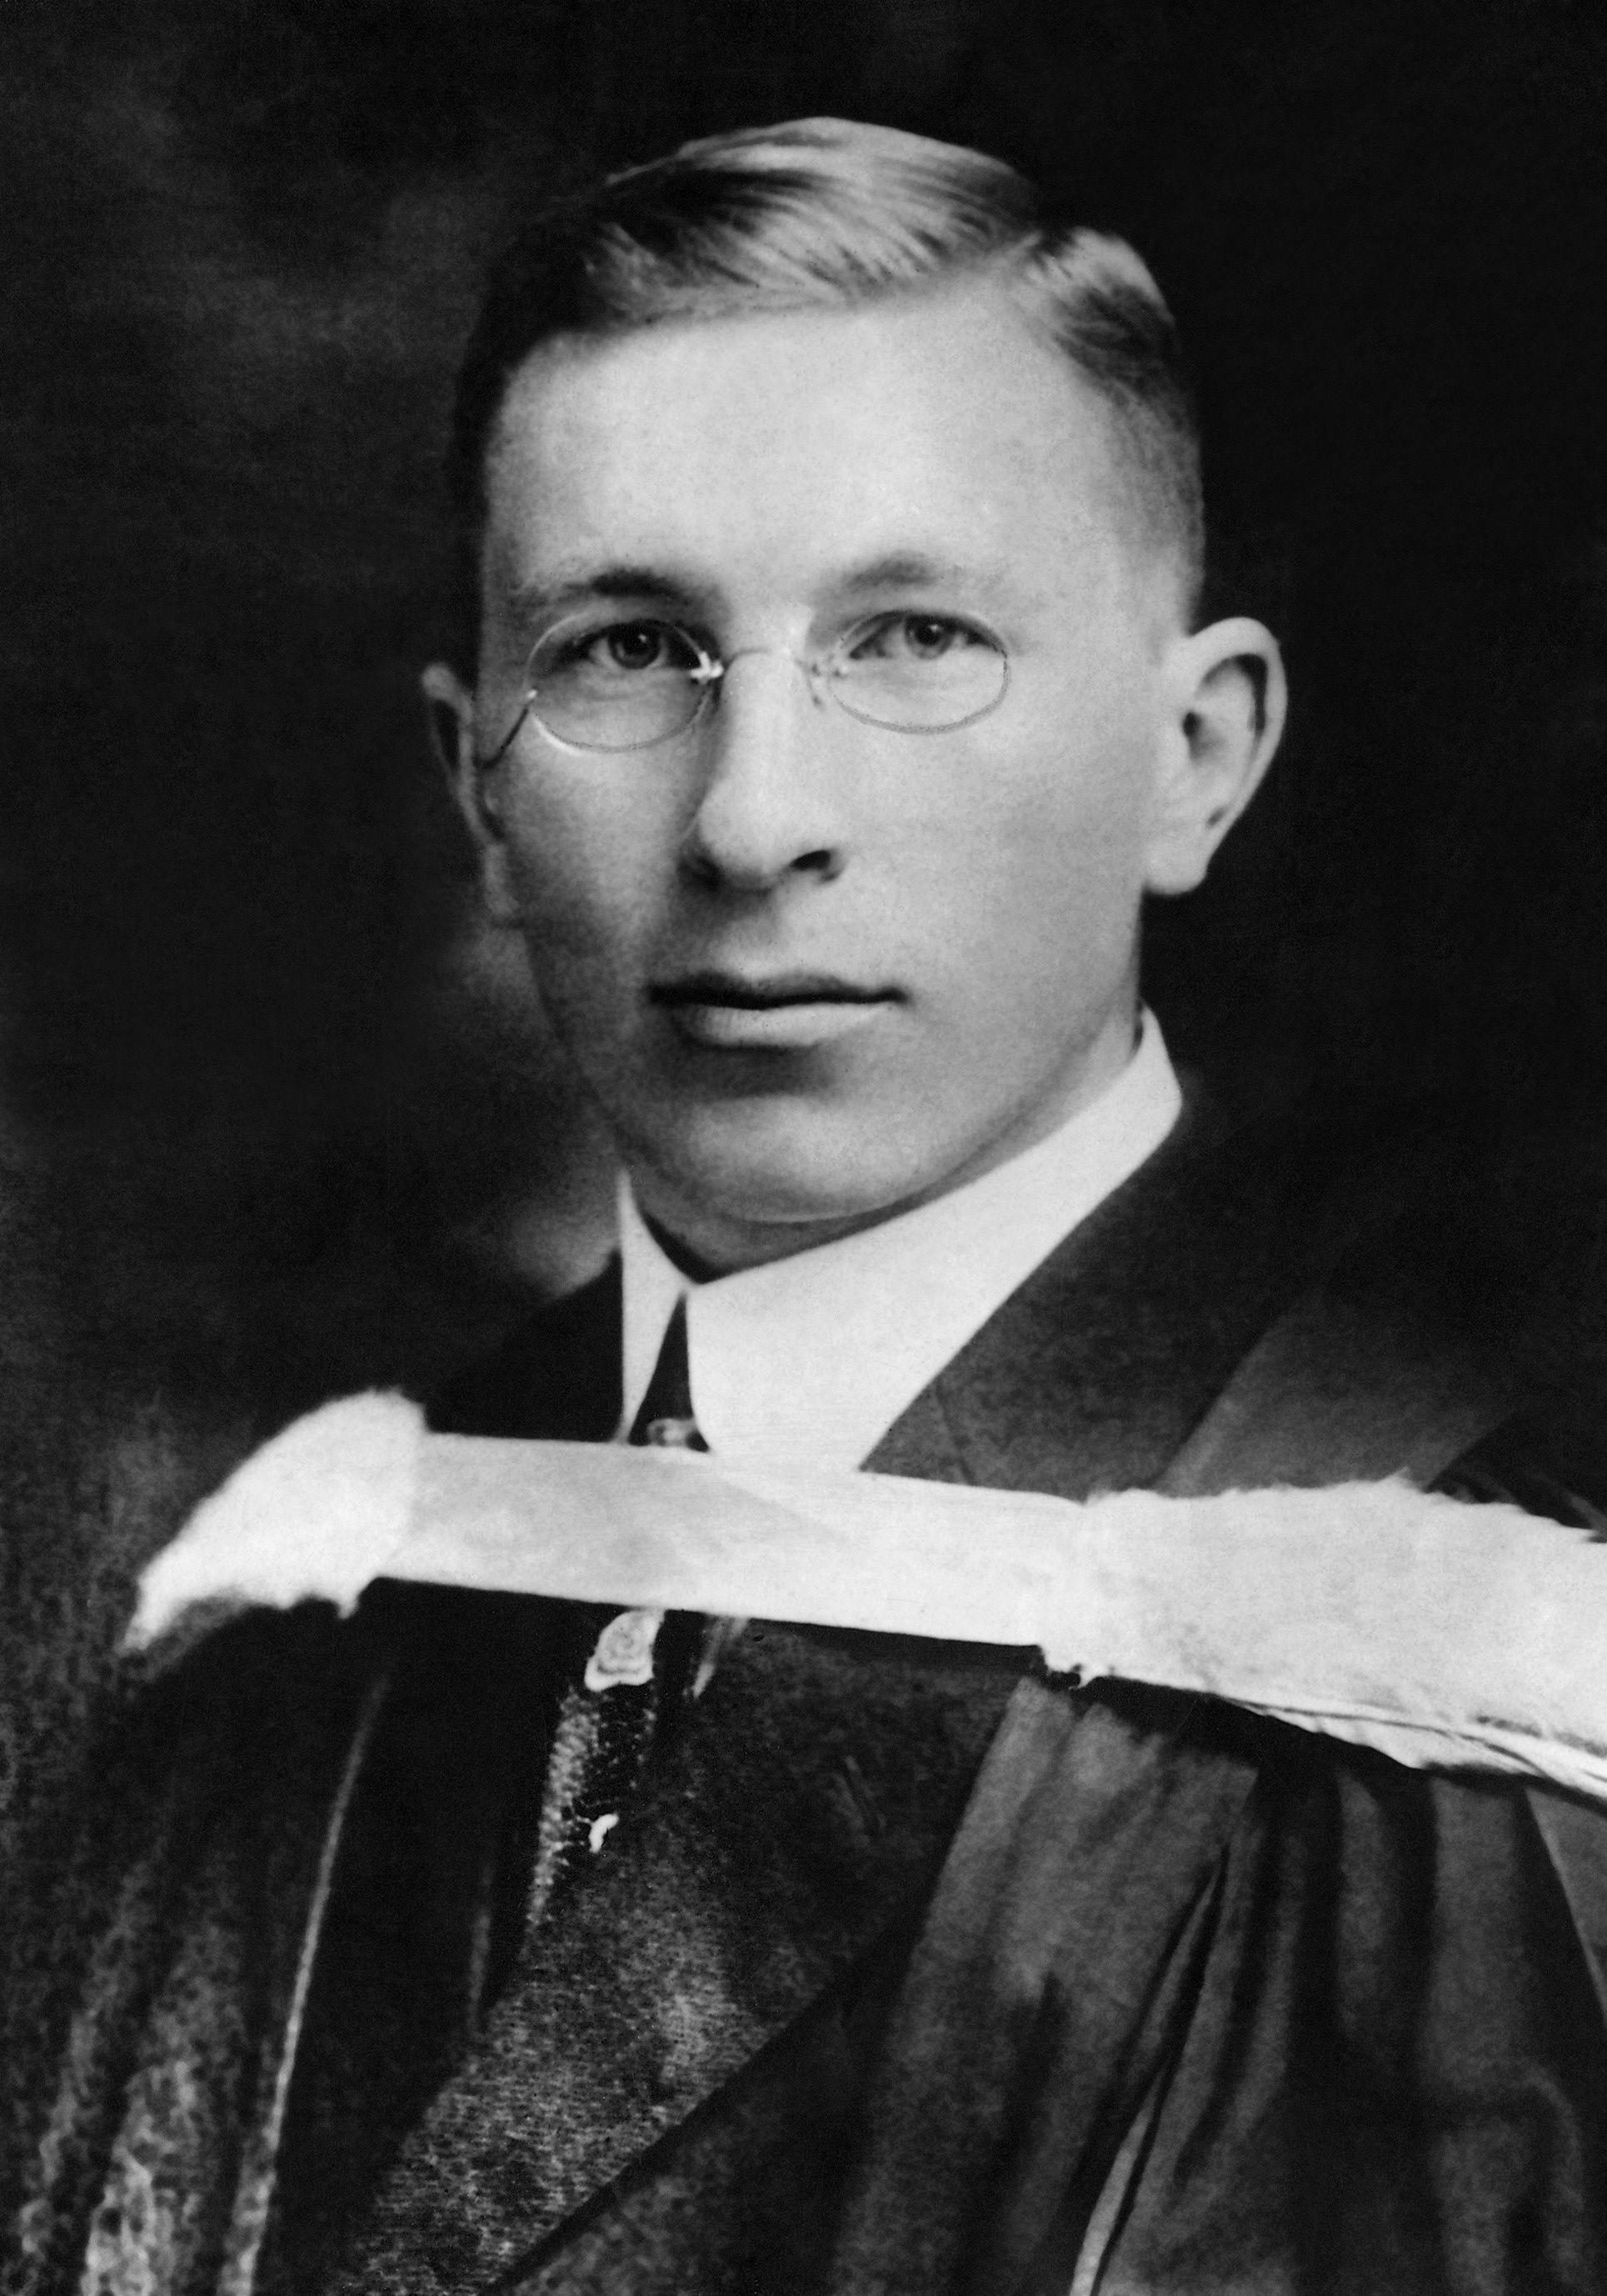 Dr. Frederick Grant Banting (November 14, 1891 - February ...